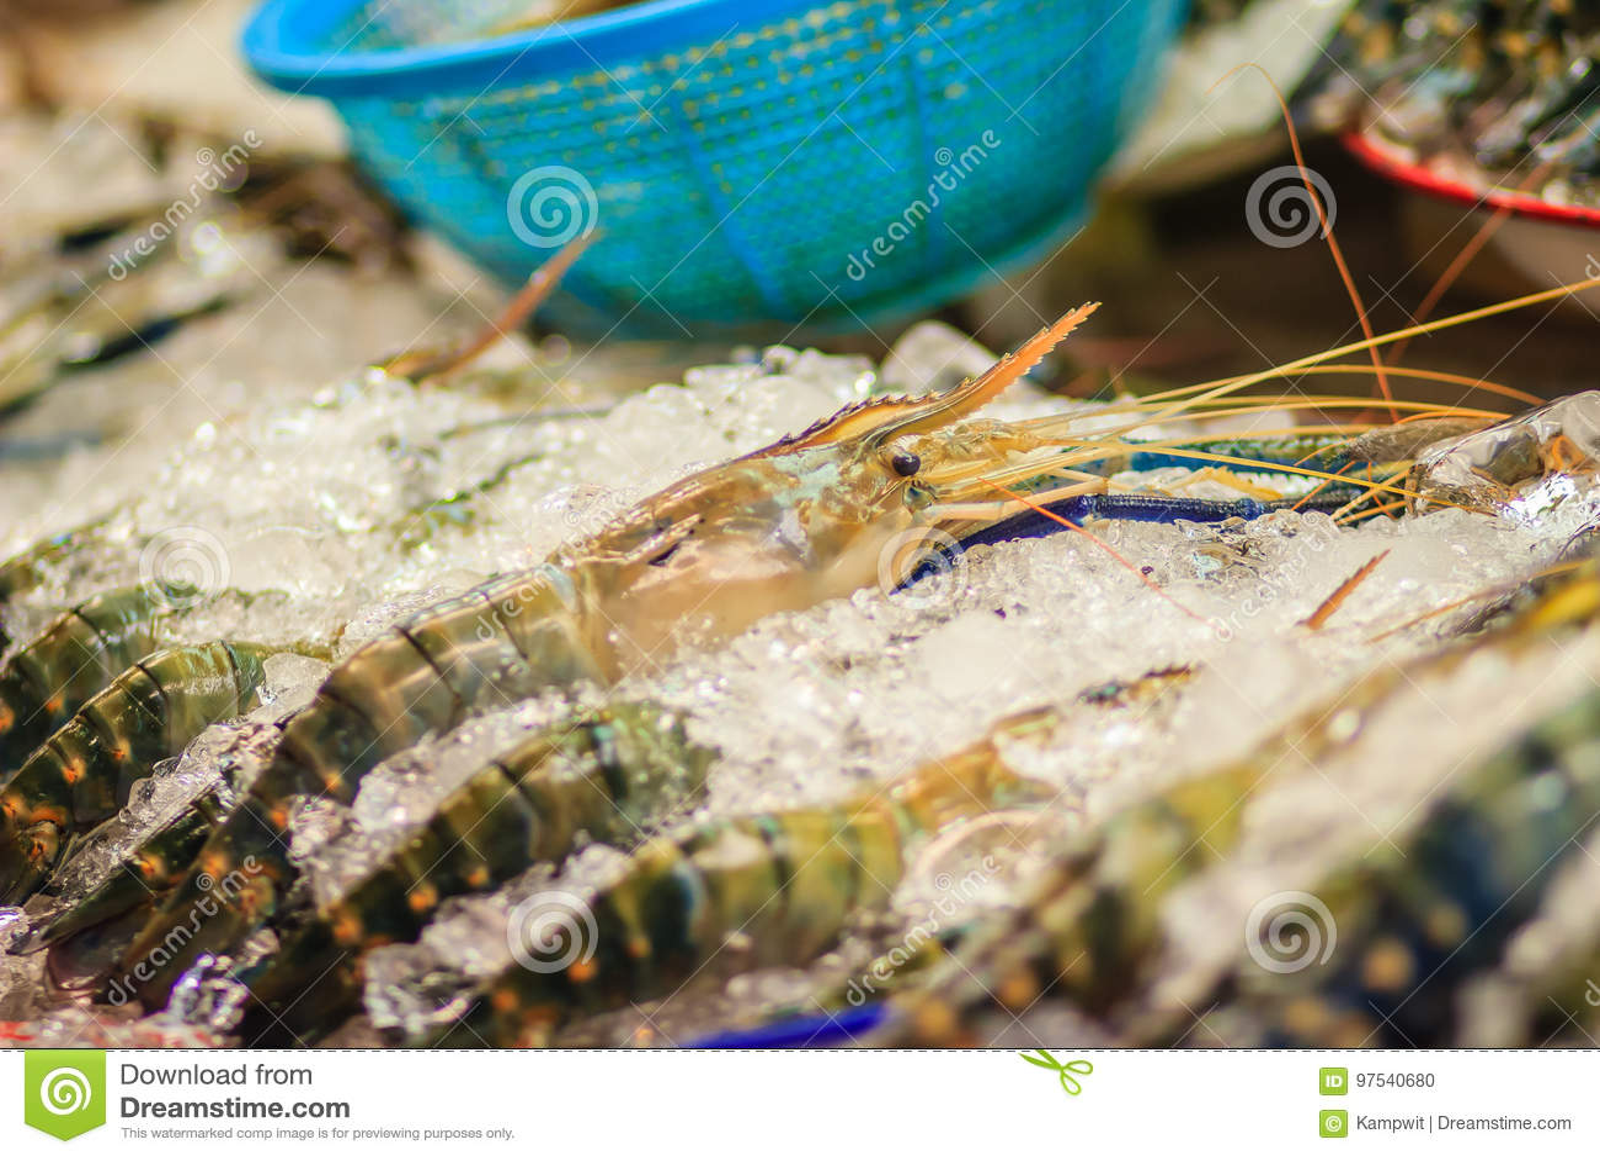 314d830b33007 Ekstra ampuły rozmiar gigantyczna malezyjska krewetka także znać jako  gigantyczna rzeczna krewetka lub gigantyczna słodkowodna krewetka, jest  handlowo ...